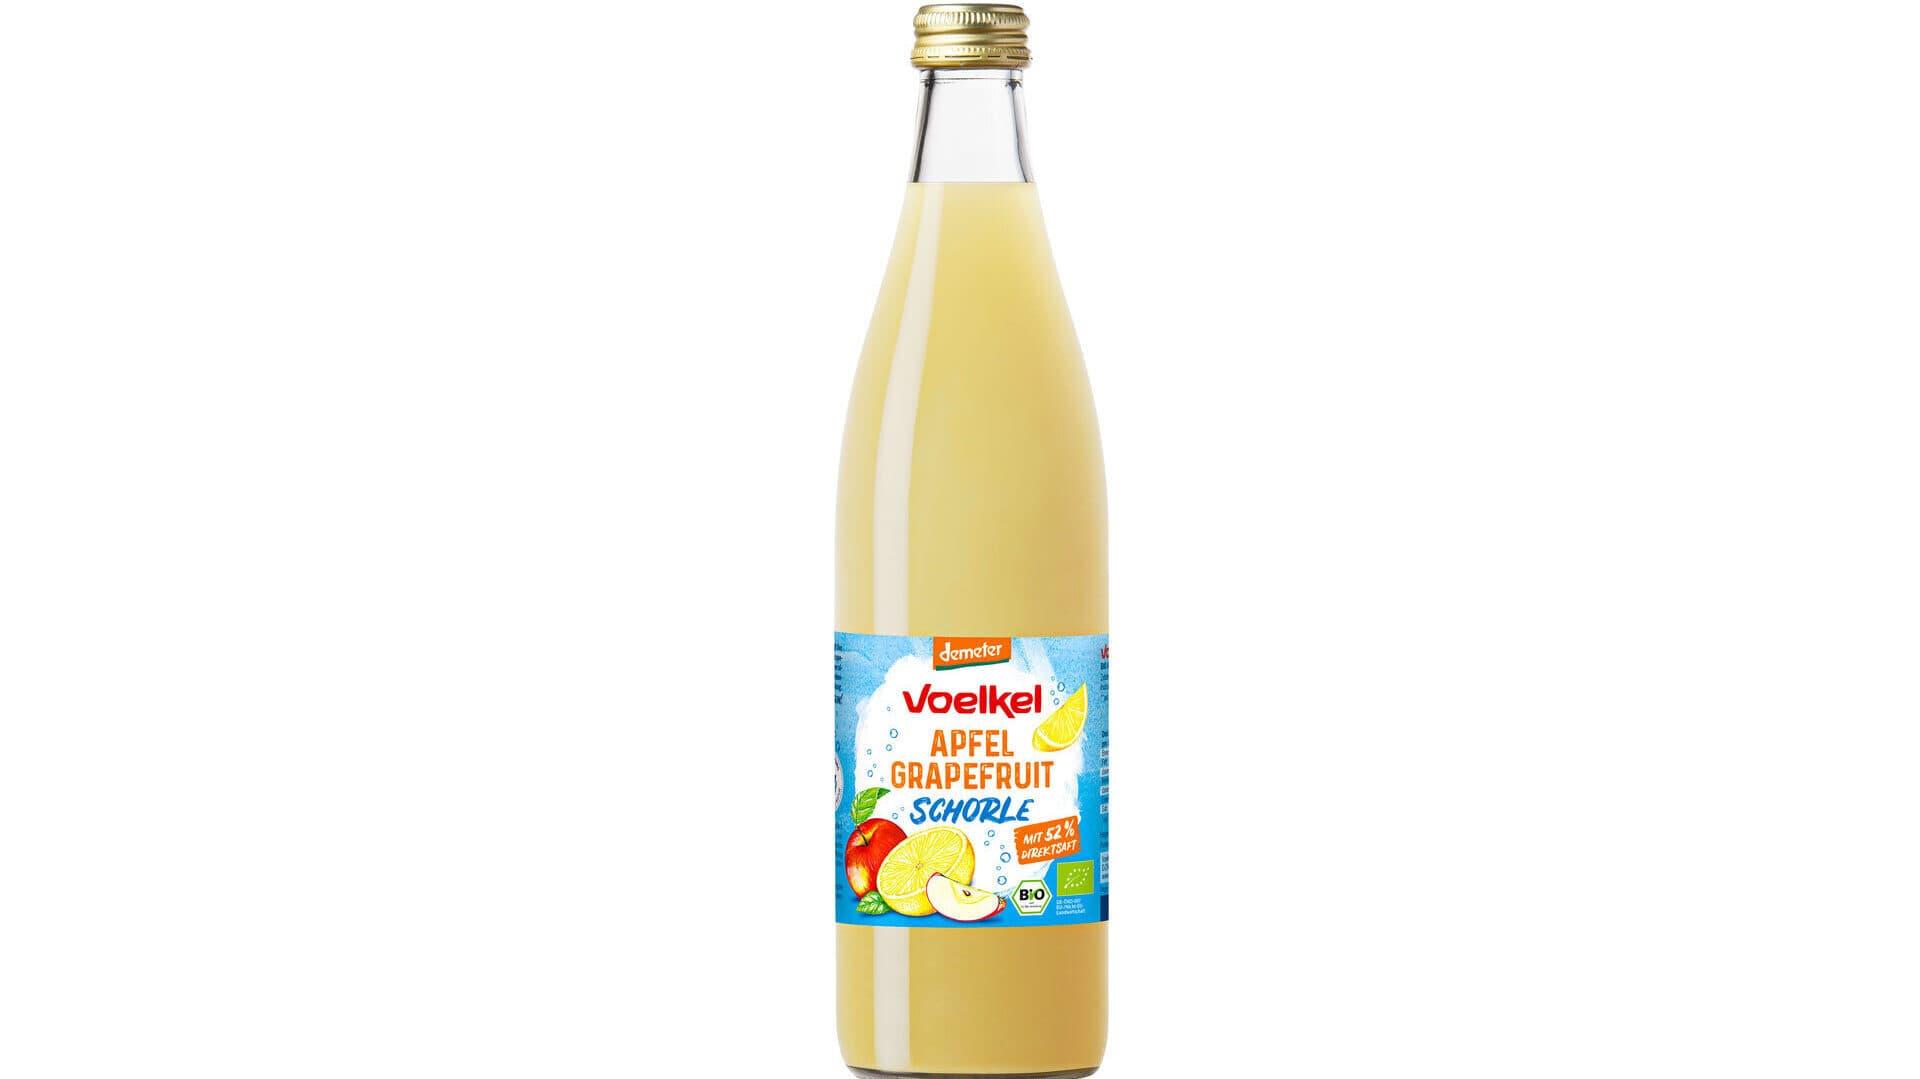 Voelkel Apfel-Grapefruit-Schorle